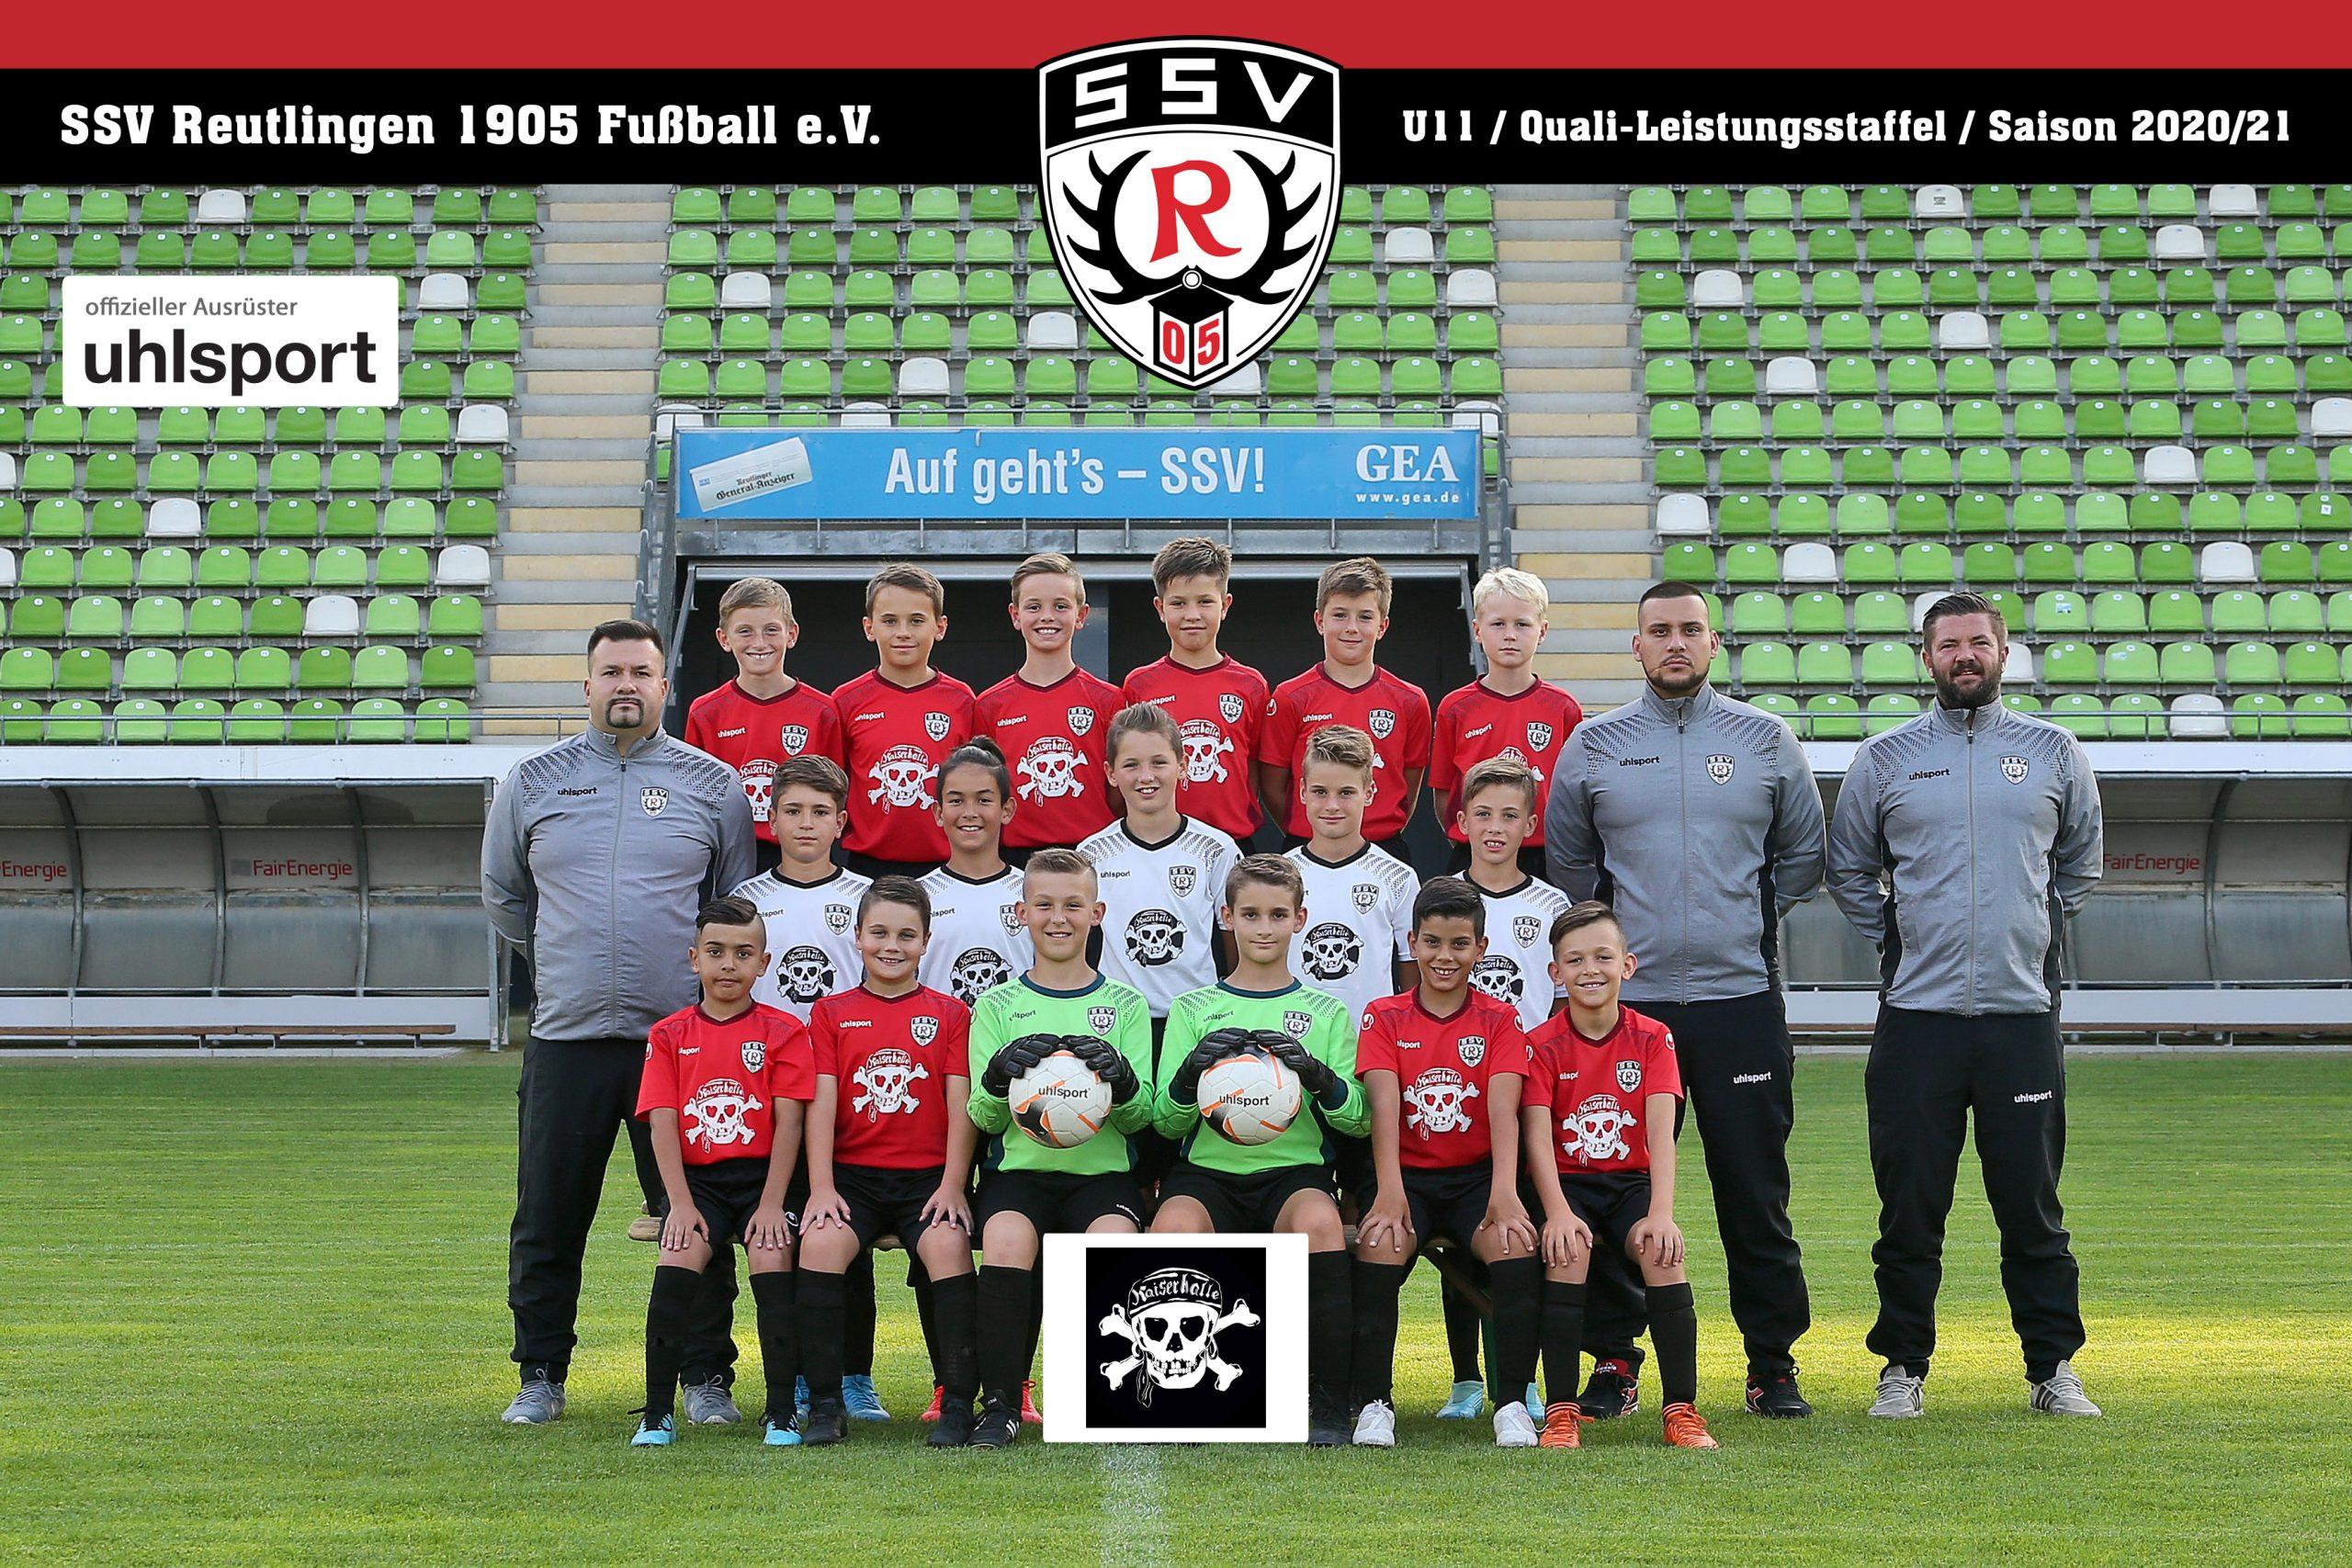 Fussball | SSV Reutlingen / Mannschaft U11 - Saison 2020/21